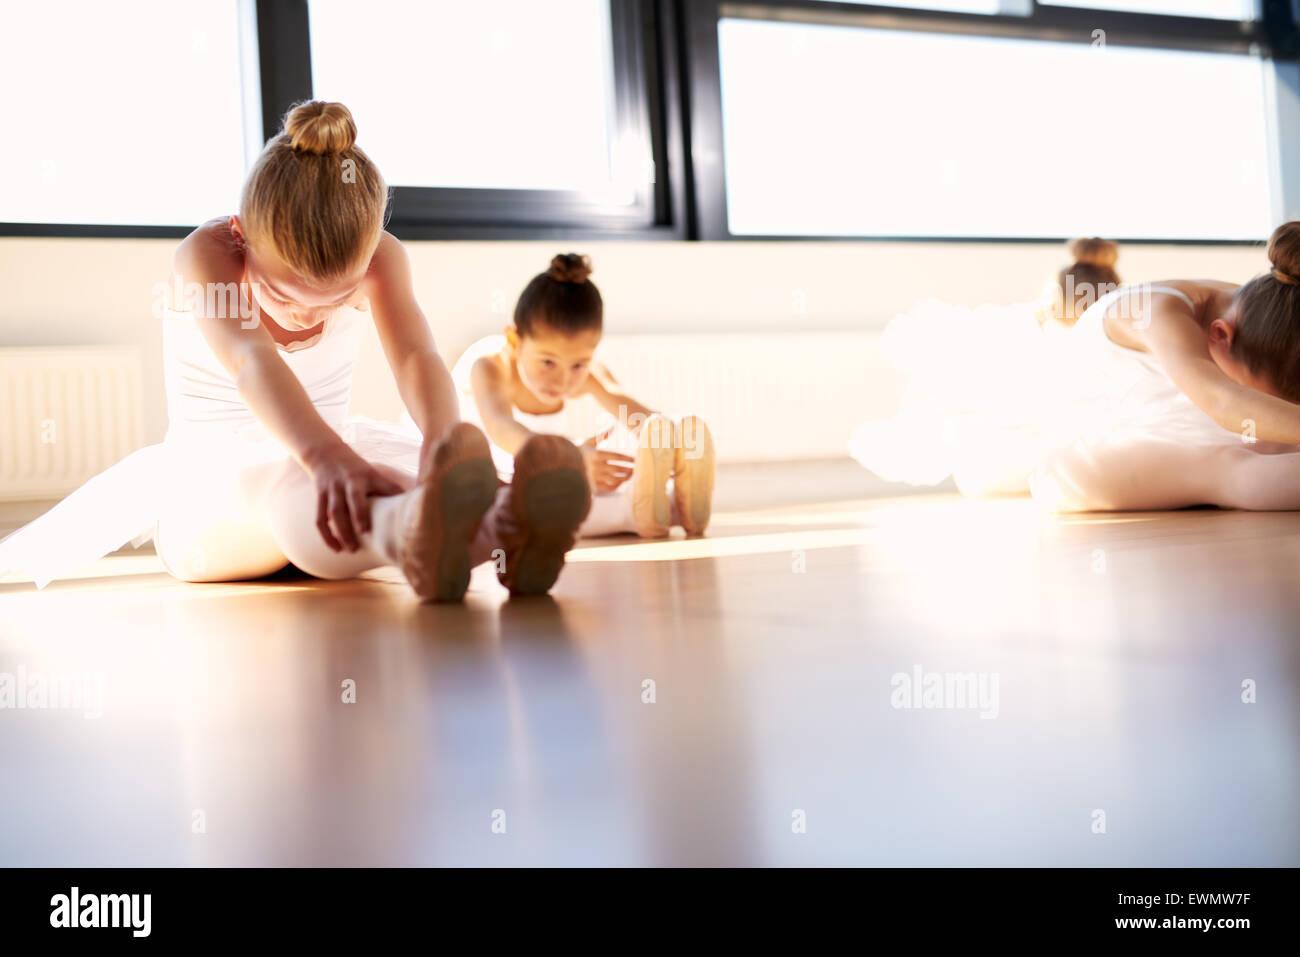 Poco ballet chicas haciendo una sentada y alcanzar el ejercicio de calentamiento para estirar el cuerpo dentro del Imagen De Stock